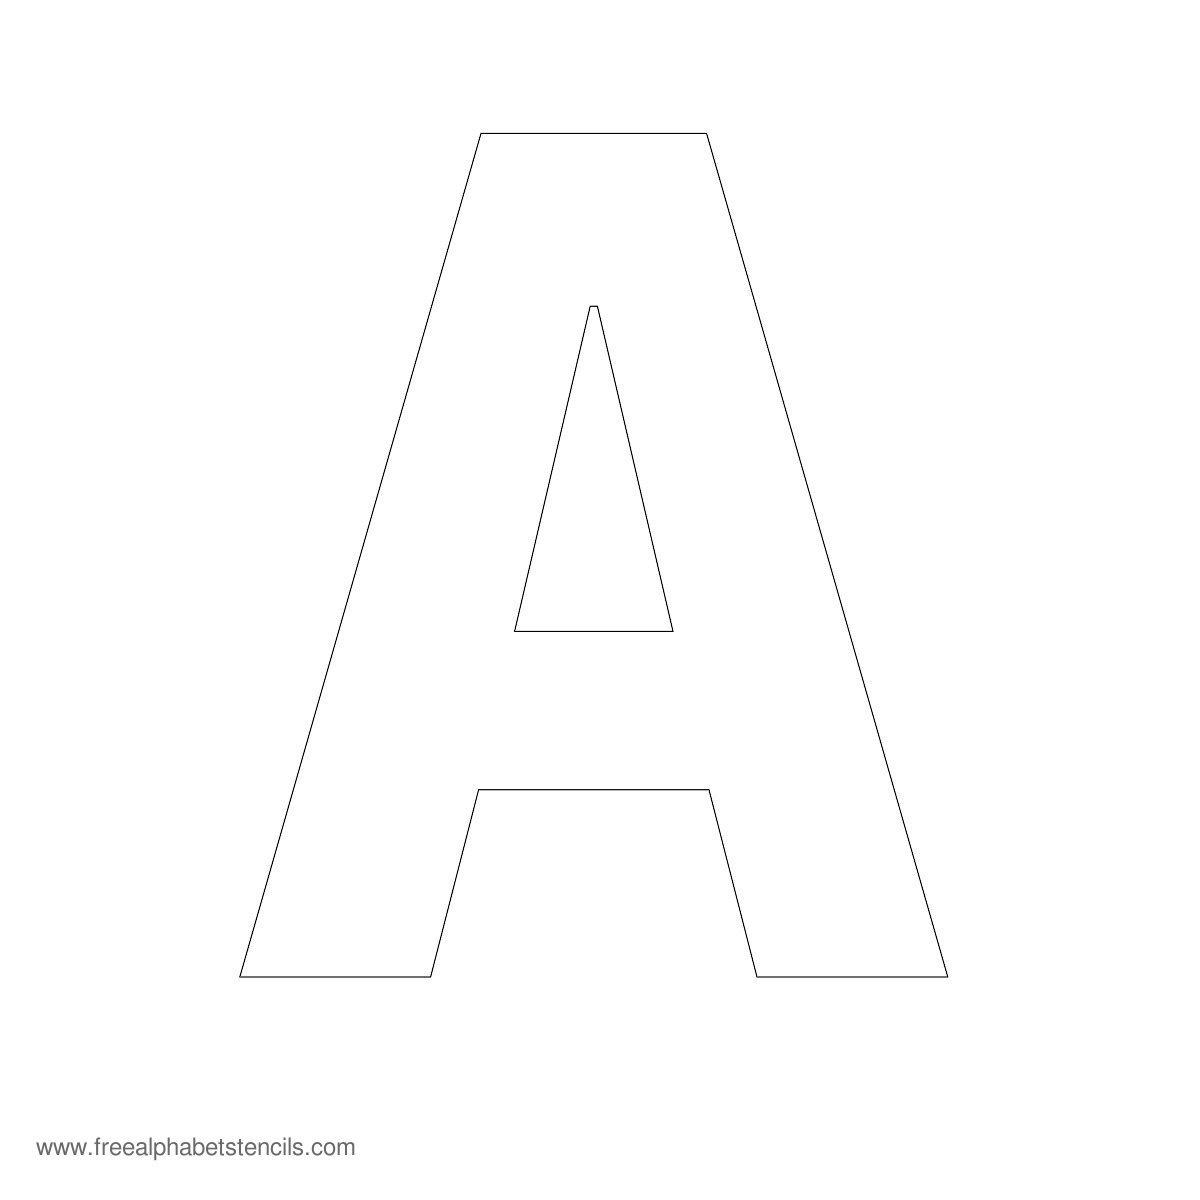 Large Alphabet Stencils   Freealphabetstencils - Free Printable Alphabet Stencils To Cut Out